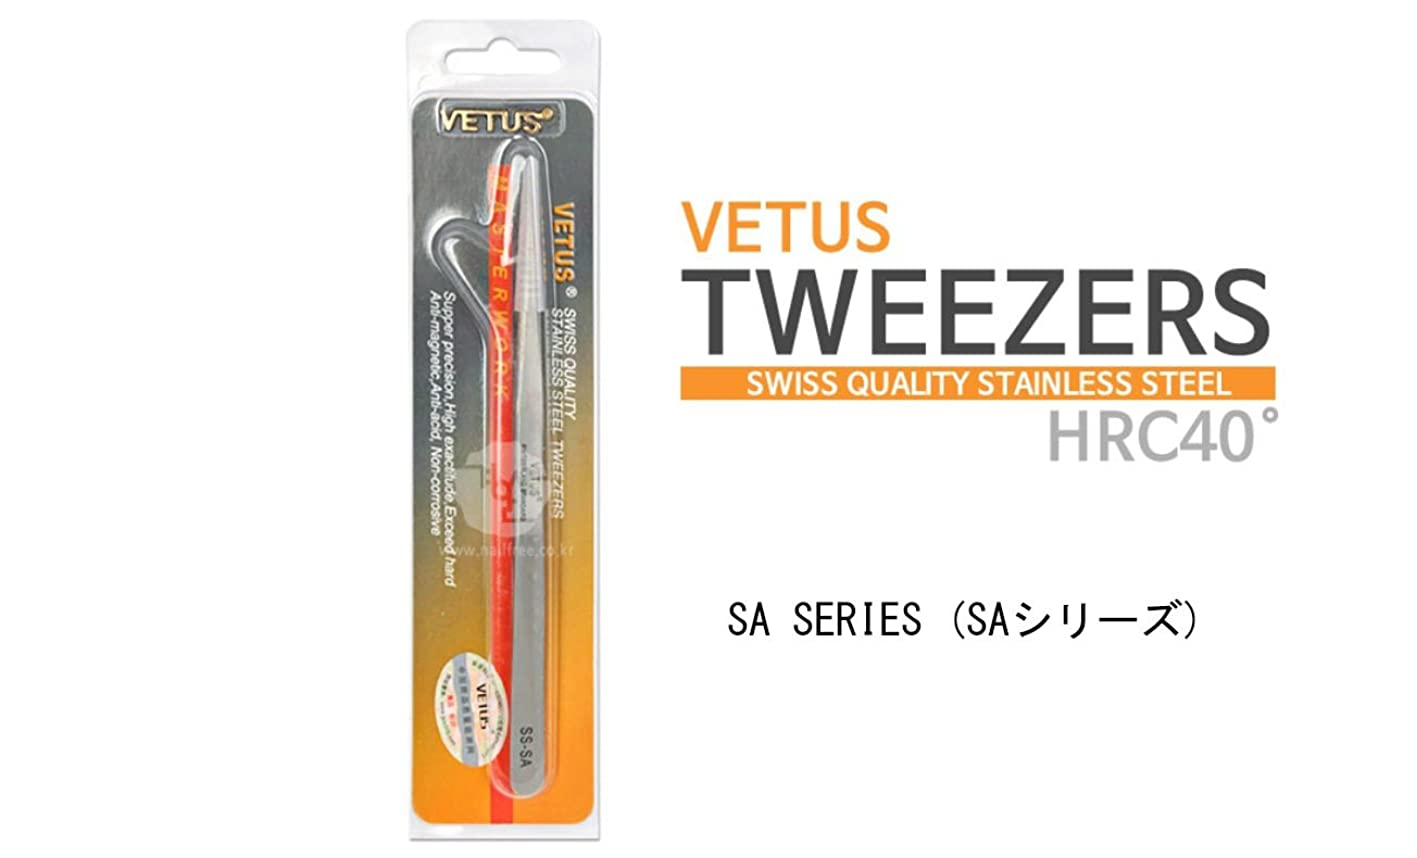 換気する不健康別に【ヴェトス】VETUS SA SERIES TWEEZERS ヴェトスSAシリーズピンセット (4.5A-SA) [並行輸入品]